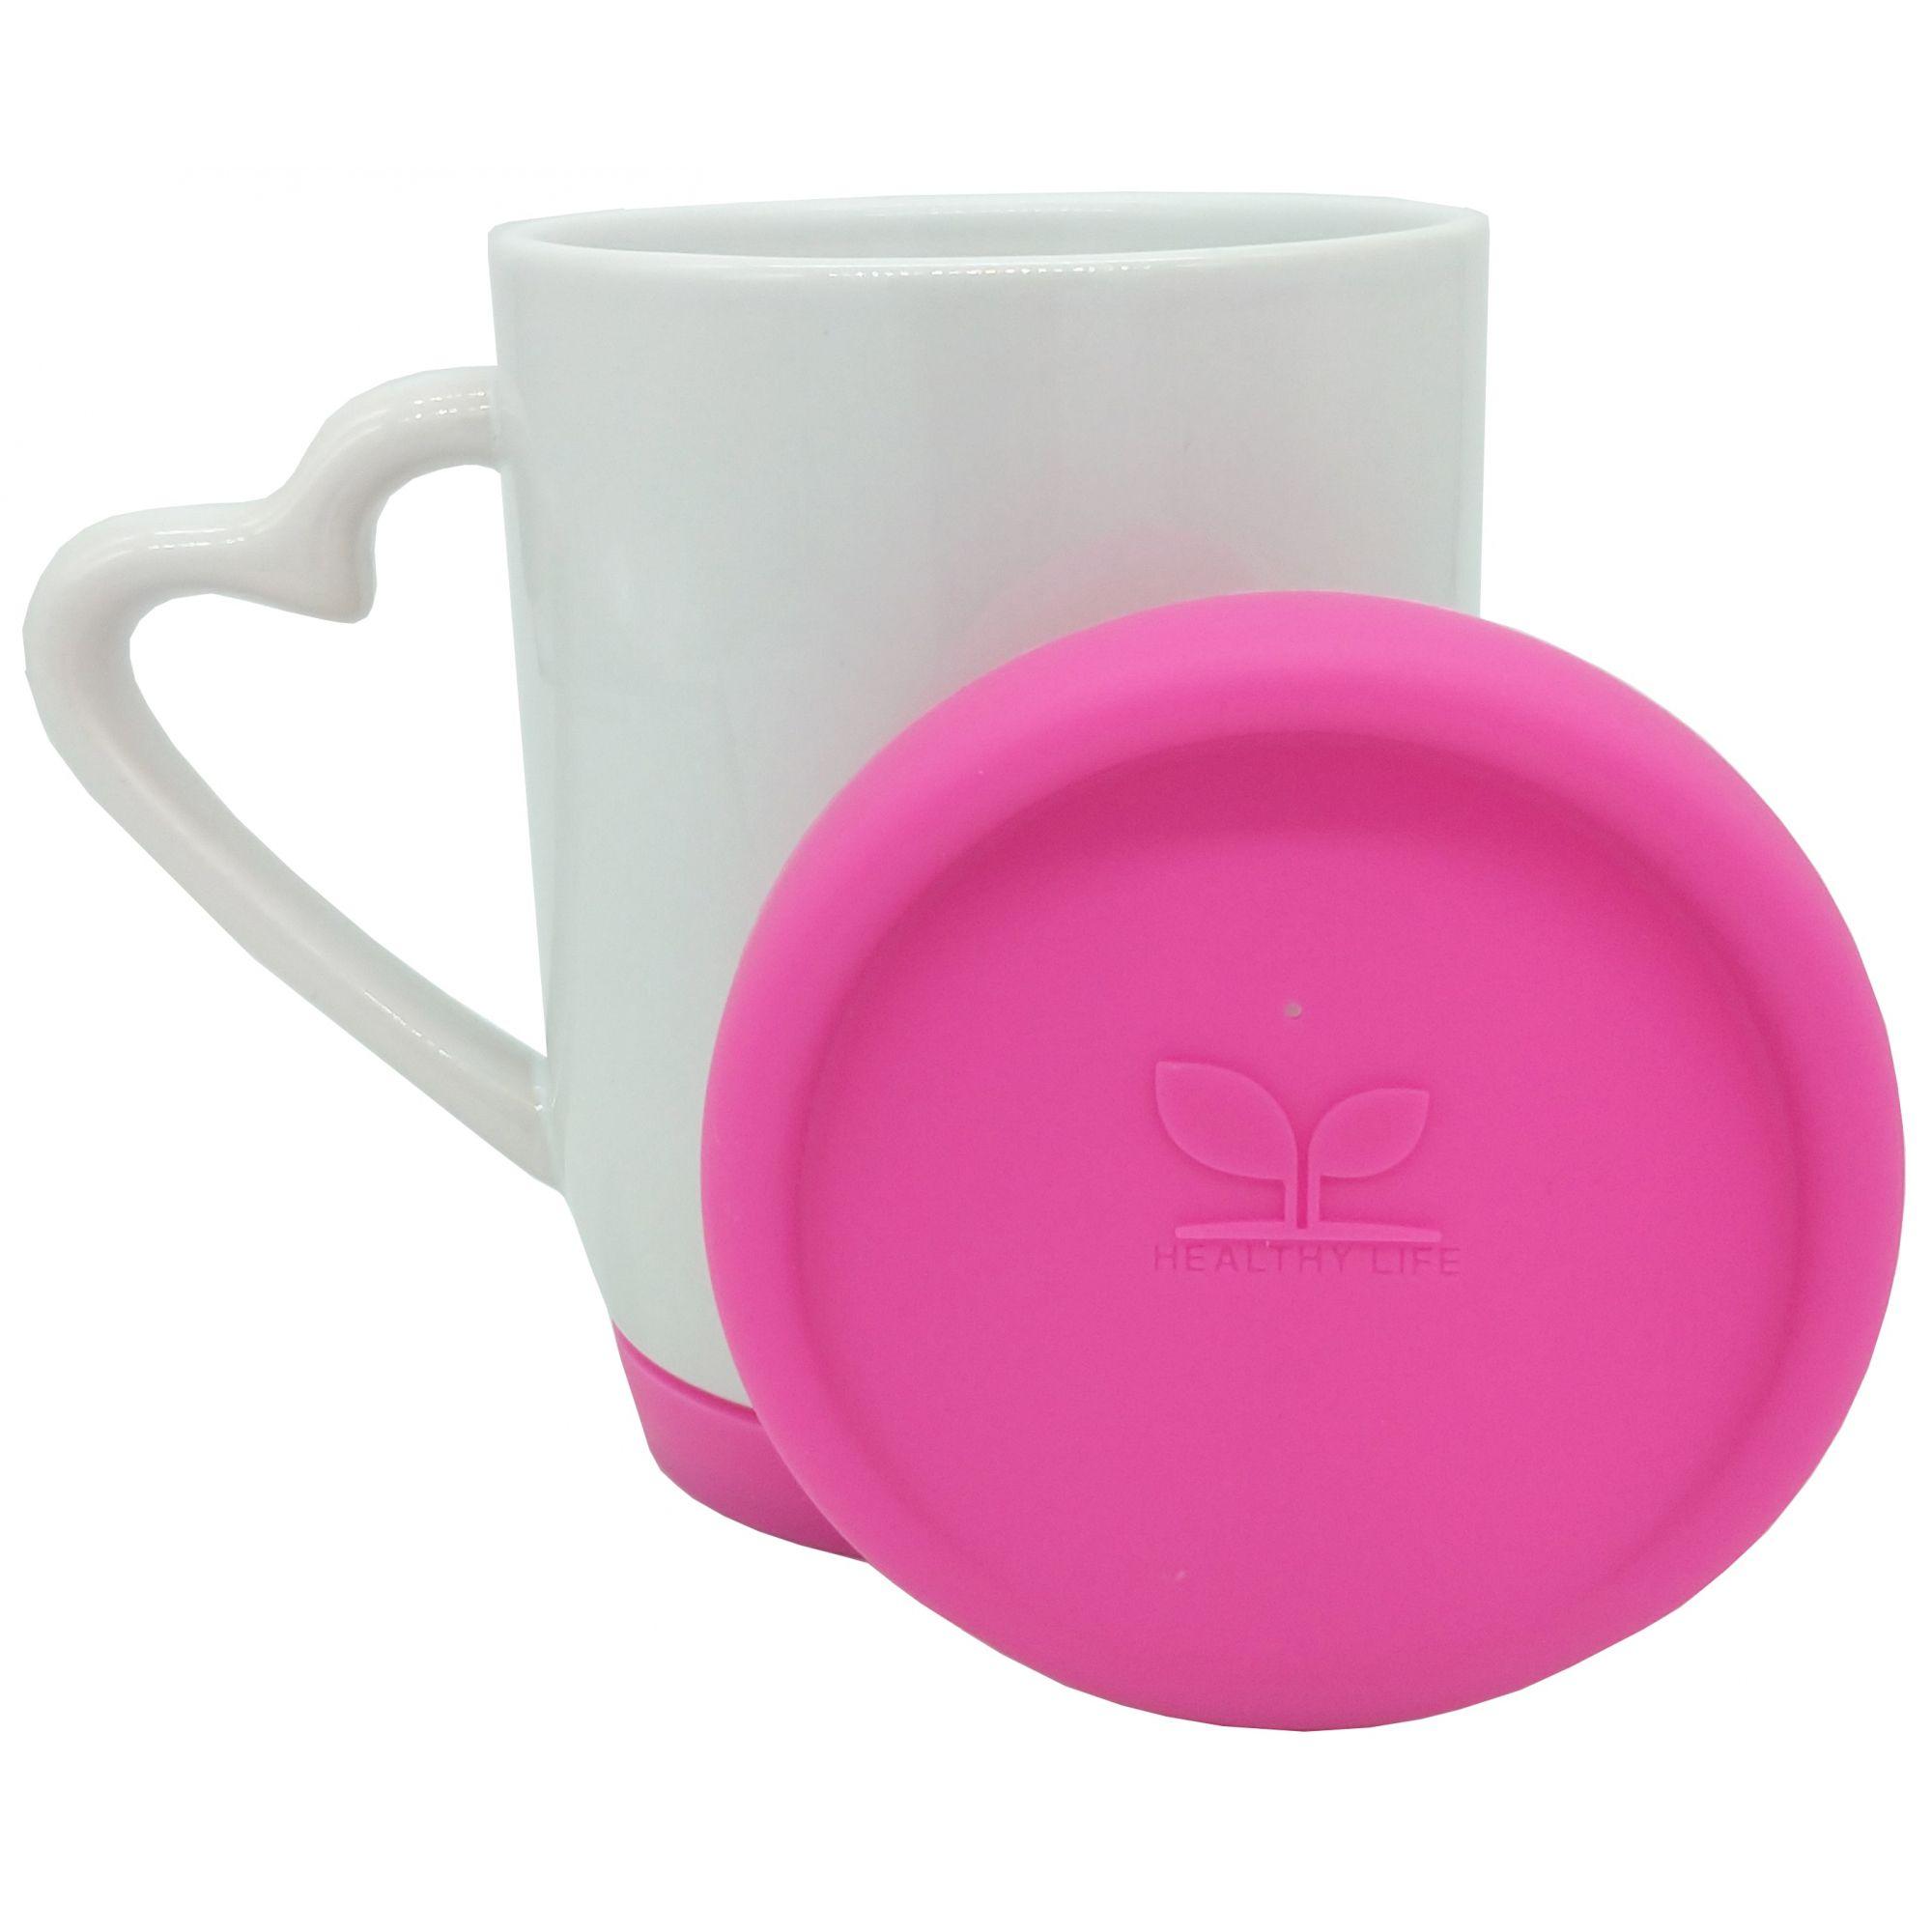 Caneca alça de coração em cerâmica branca com tampa e base de silicone Rosa Pink - Classe A  - ALFANETI COMERCIO DE MIDIAS E SUBLIMAÇÃO LTDA-ME